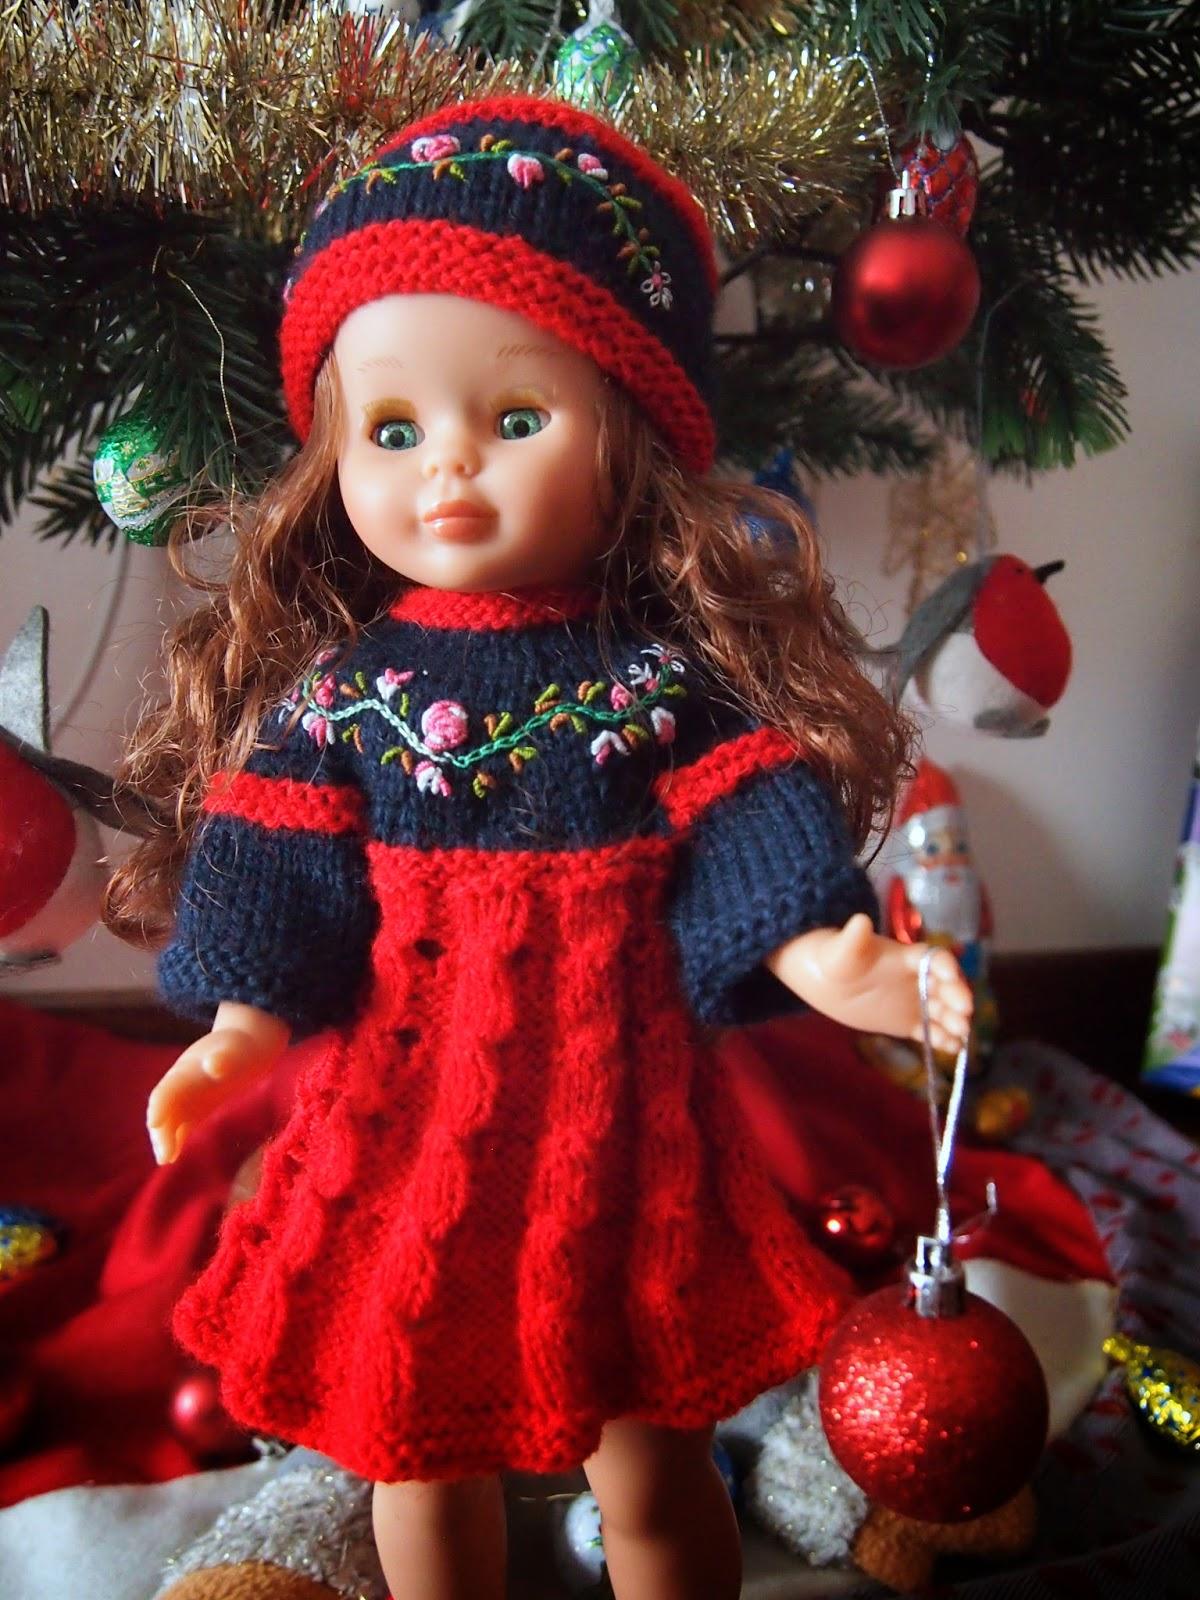 http://begodolls.blogspot.com.es/2014/12/feliz-navidad.html